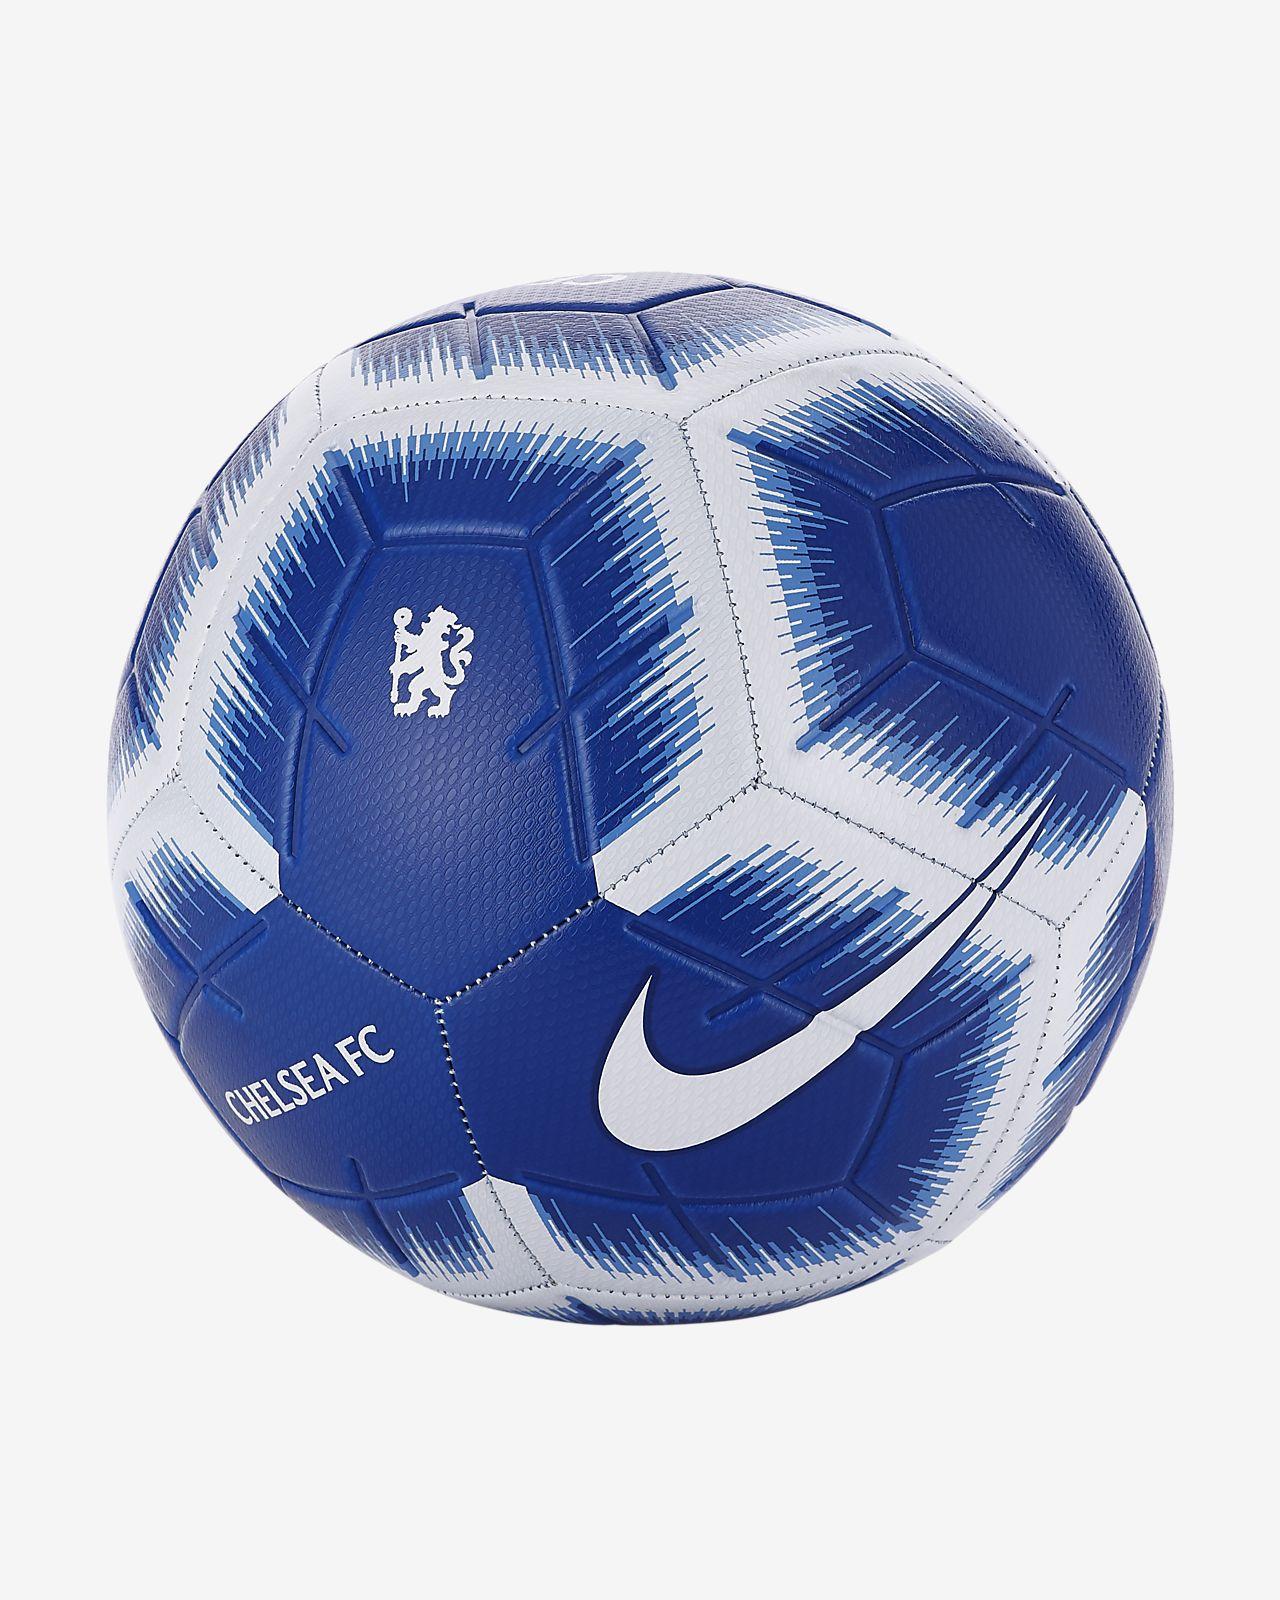 b12c9e53b7 Low Resolution Chelsea FC Strike Football Chelsea FC Strike Football